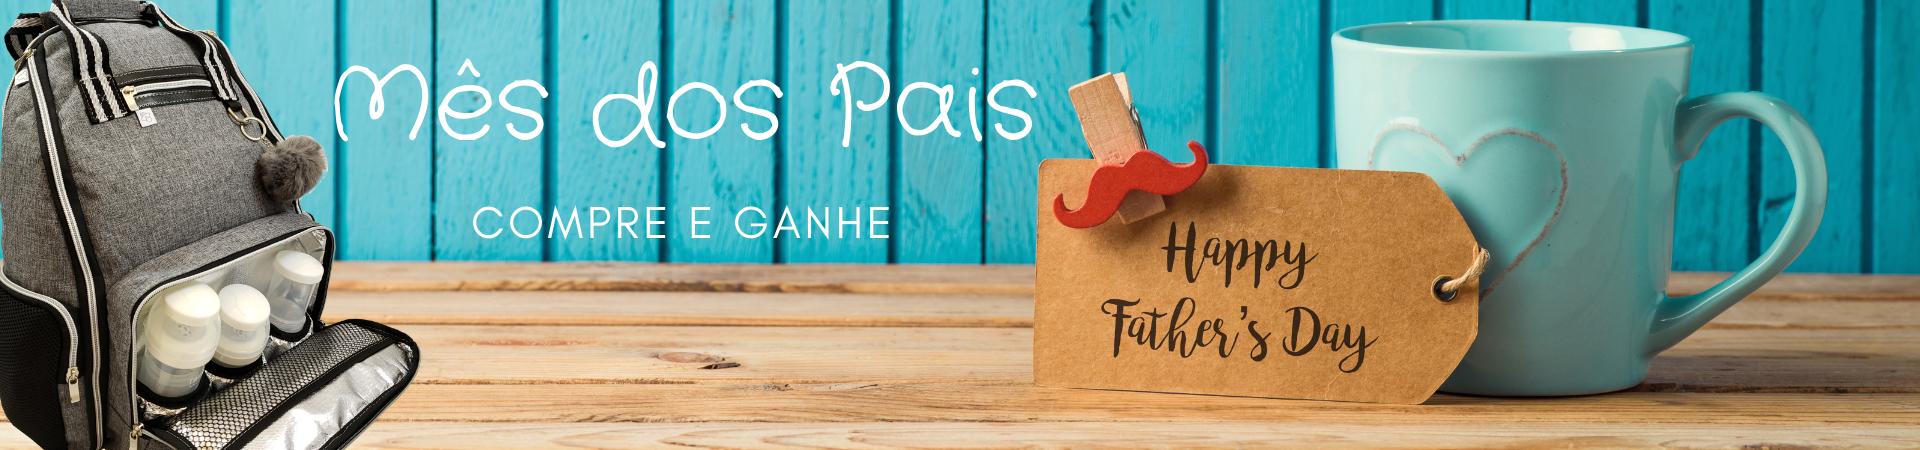 Promoção Compre e Ganhe - Dias doa Pais 1